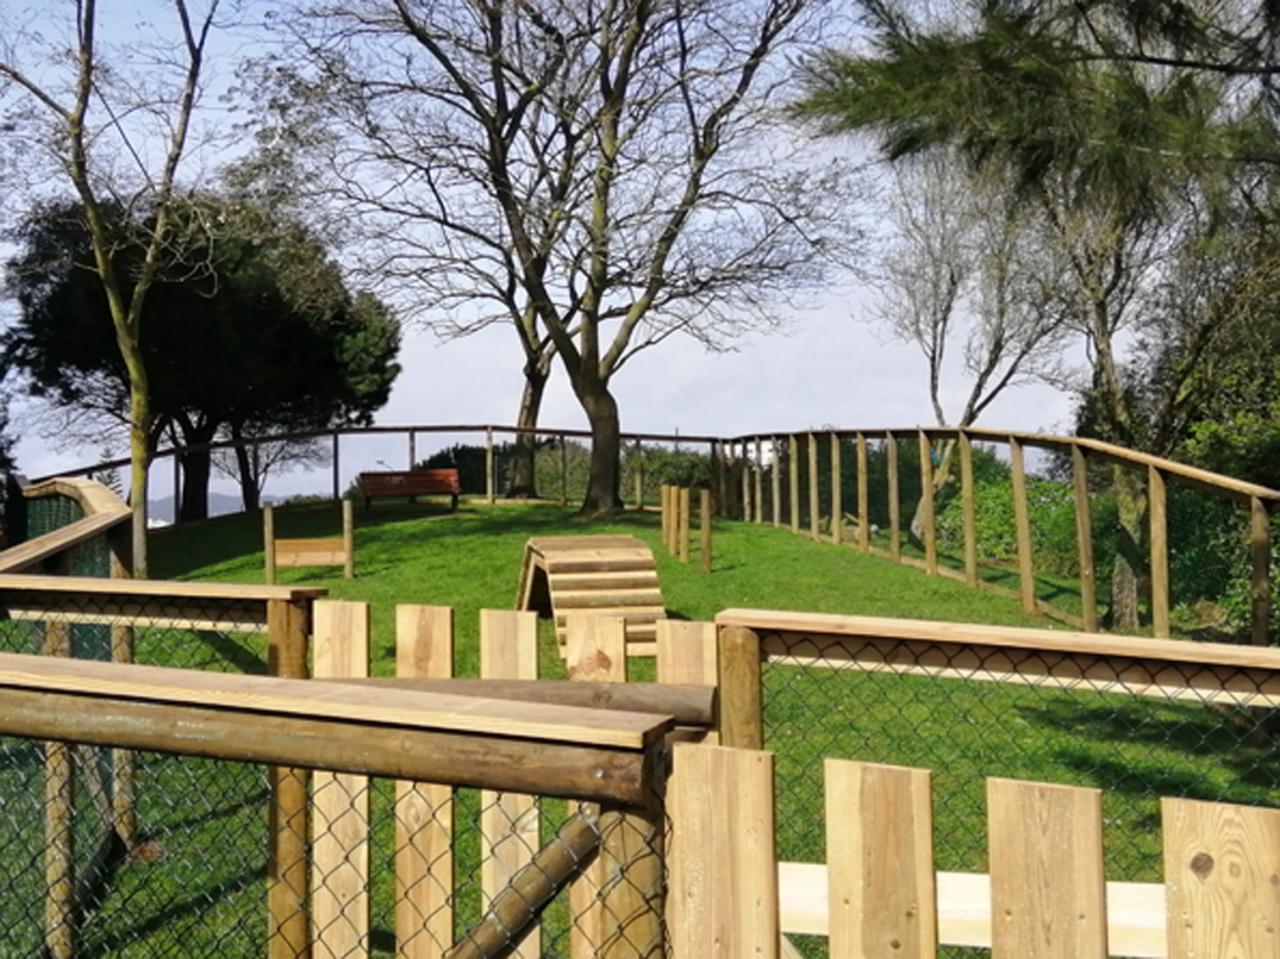 Parques Caninos encontram-se temporariamente encerrados - Surto da Tosse do Canil